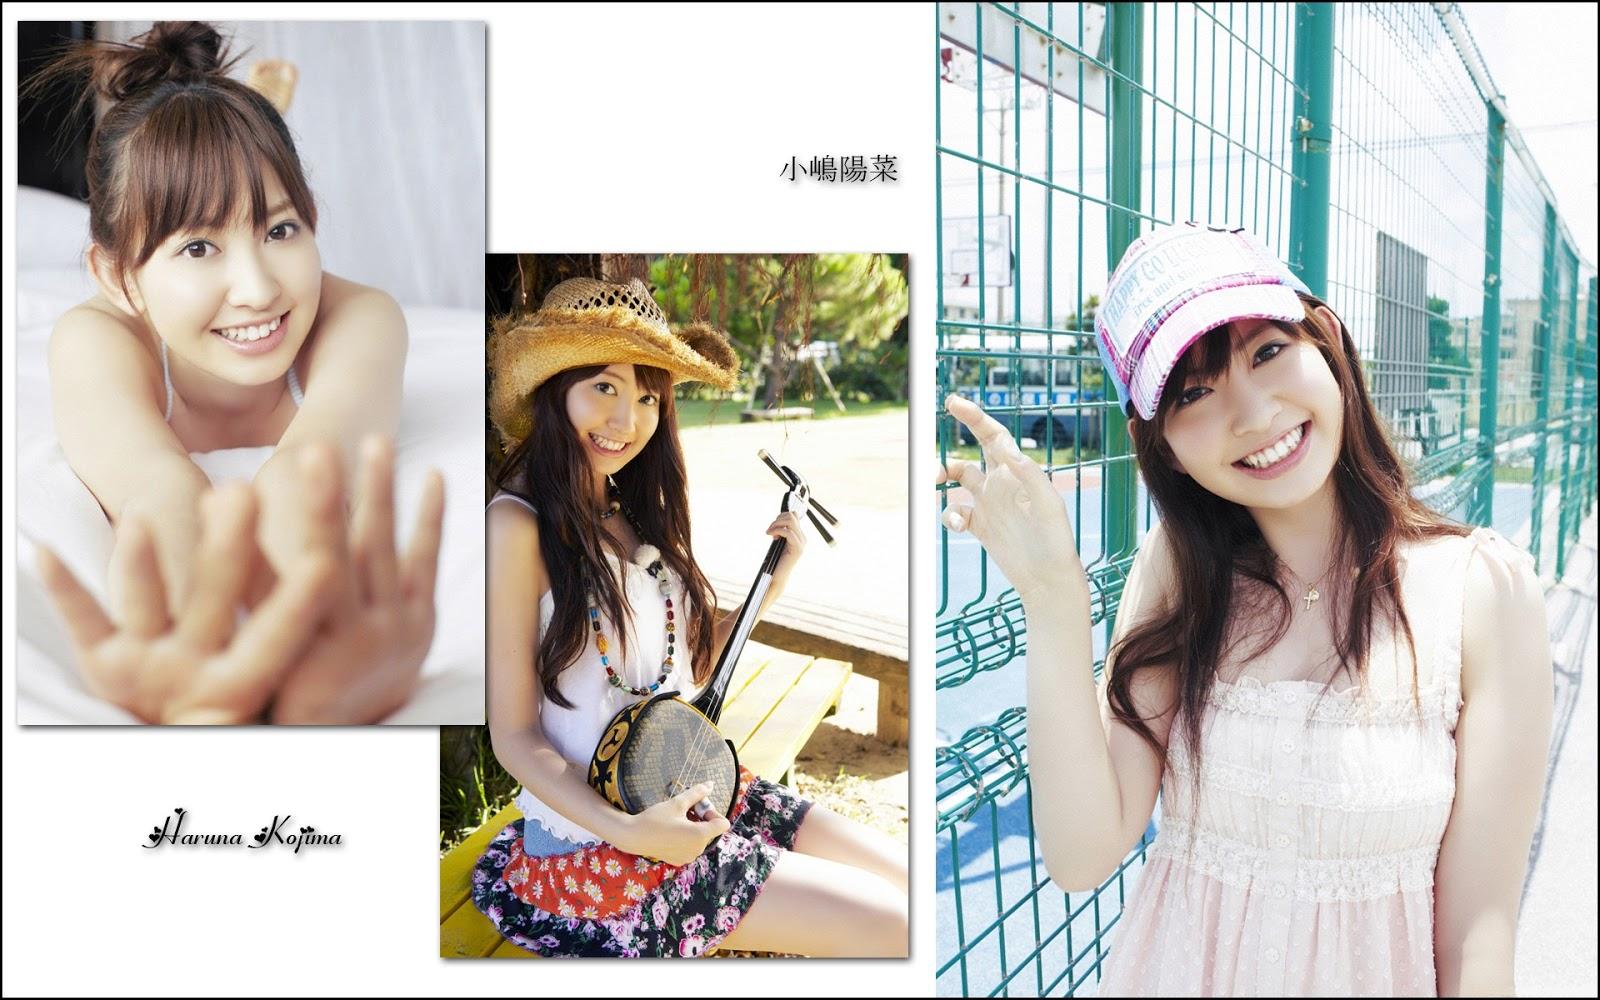 http://1.bp.blogspot.com/-IsAs_awFxkw/UTGb-4n9oMI/AAAAAAAAe60/VJj4LGM1vLw/s1600/AKB48-Kojima-Haruna-%E5%B0%8F%E5%B6%8B%E9%99%BD%E8%8F%9C-Wallpaper-HD-3.jpg